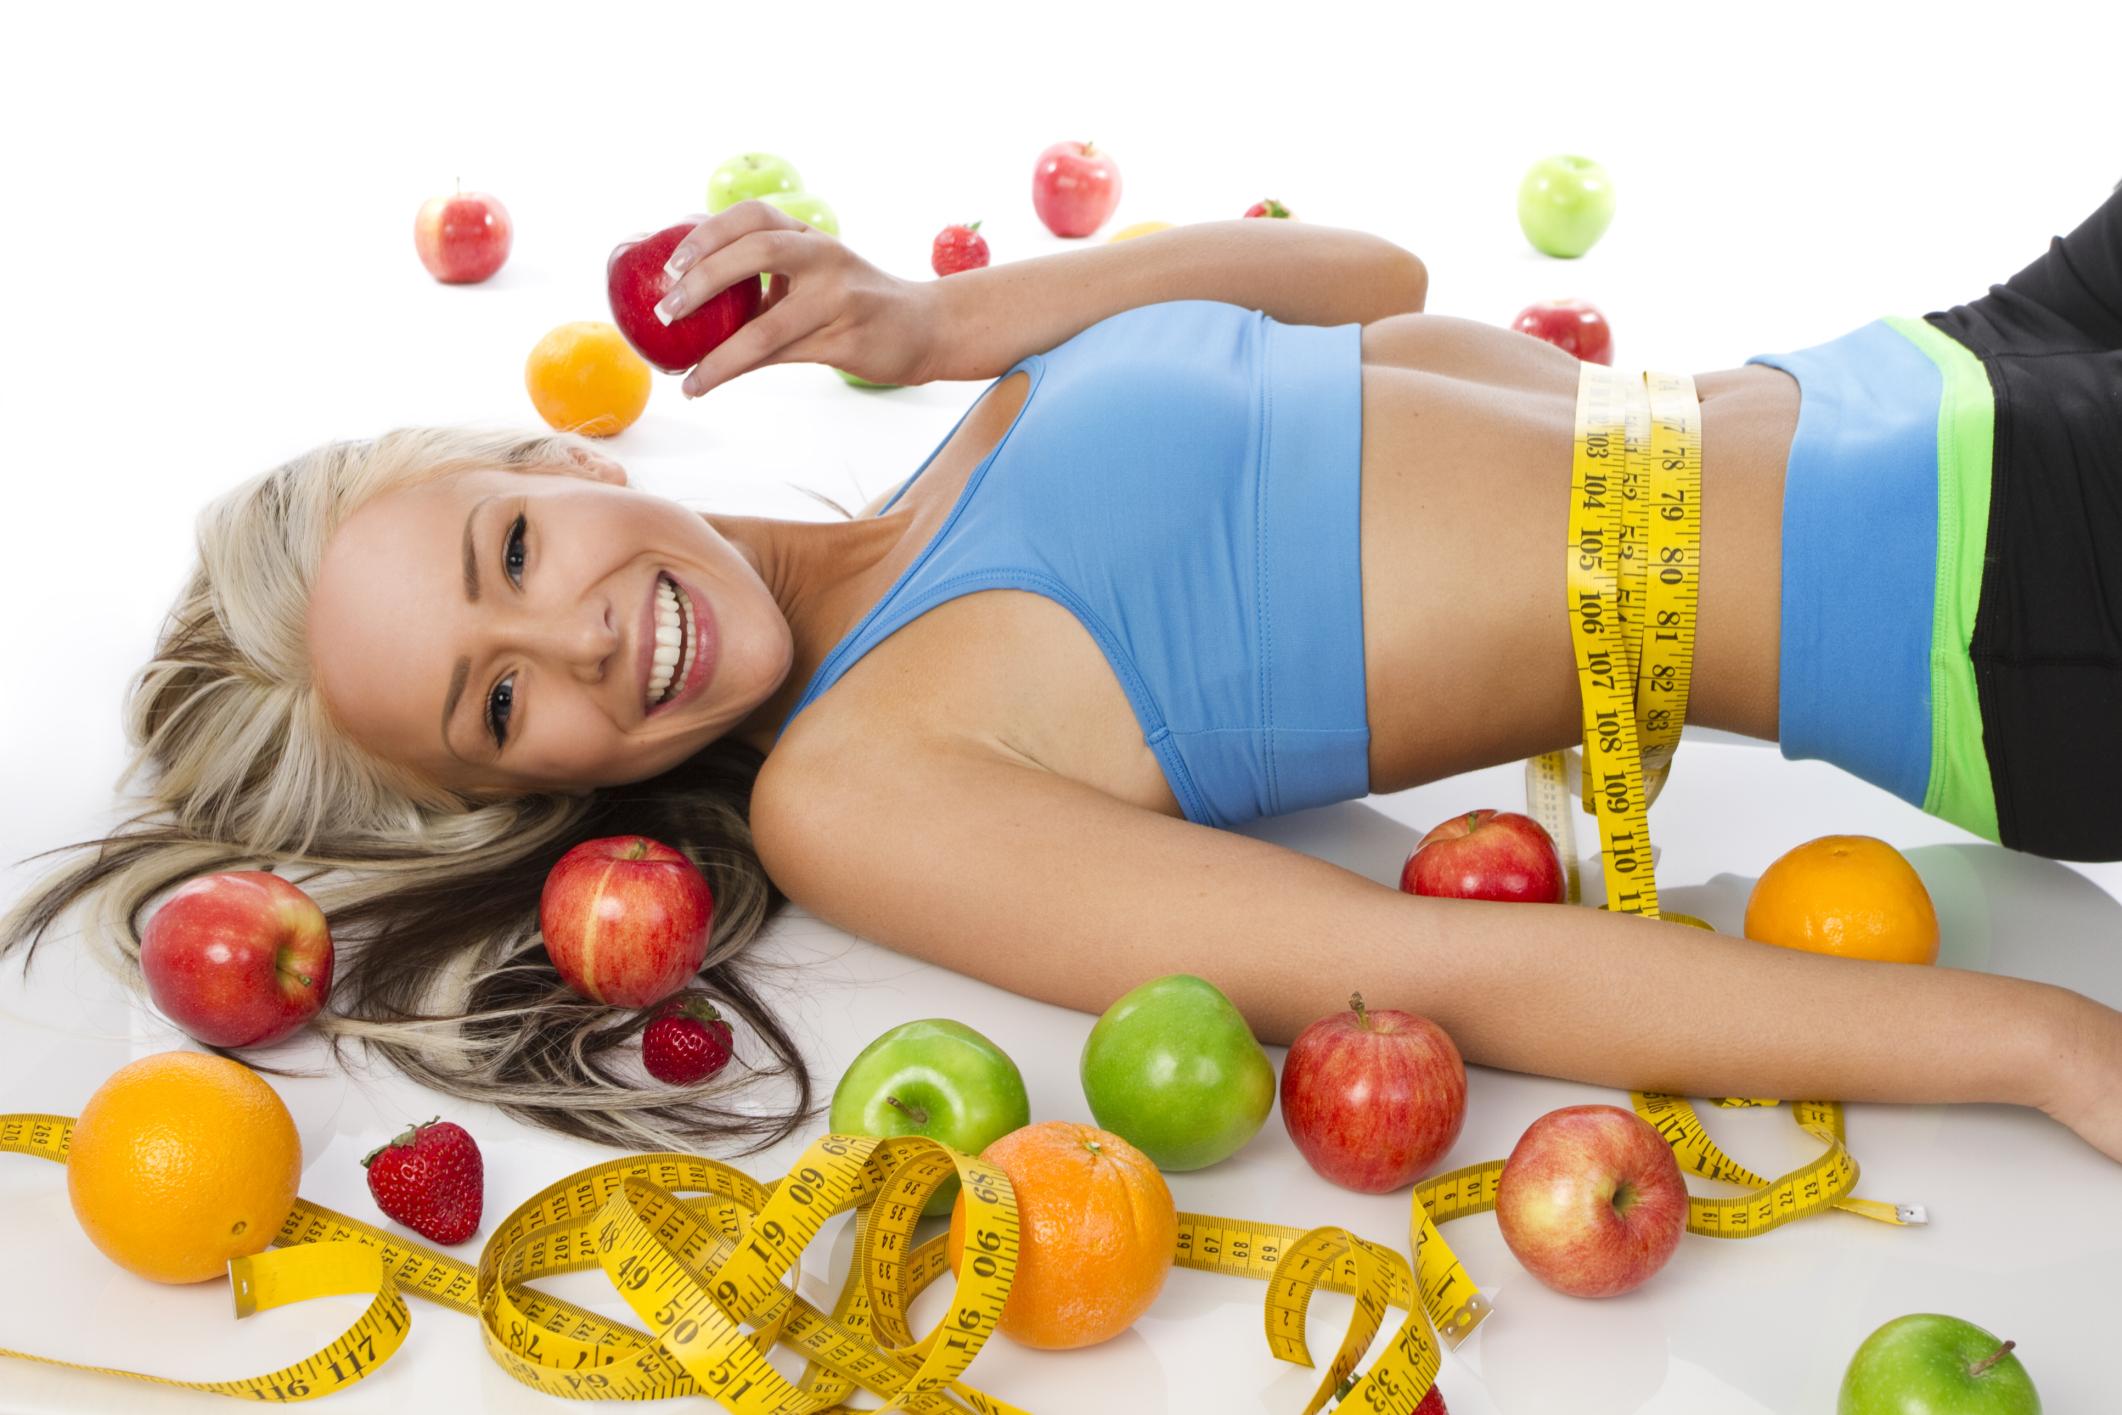 Как Питаться Чтобы Значительно Похудеть. Какое оно — правильное питание для похудения, меню и рецепты для приготовления в домашних условиях